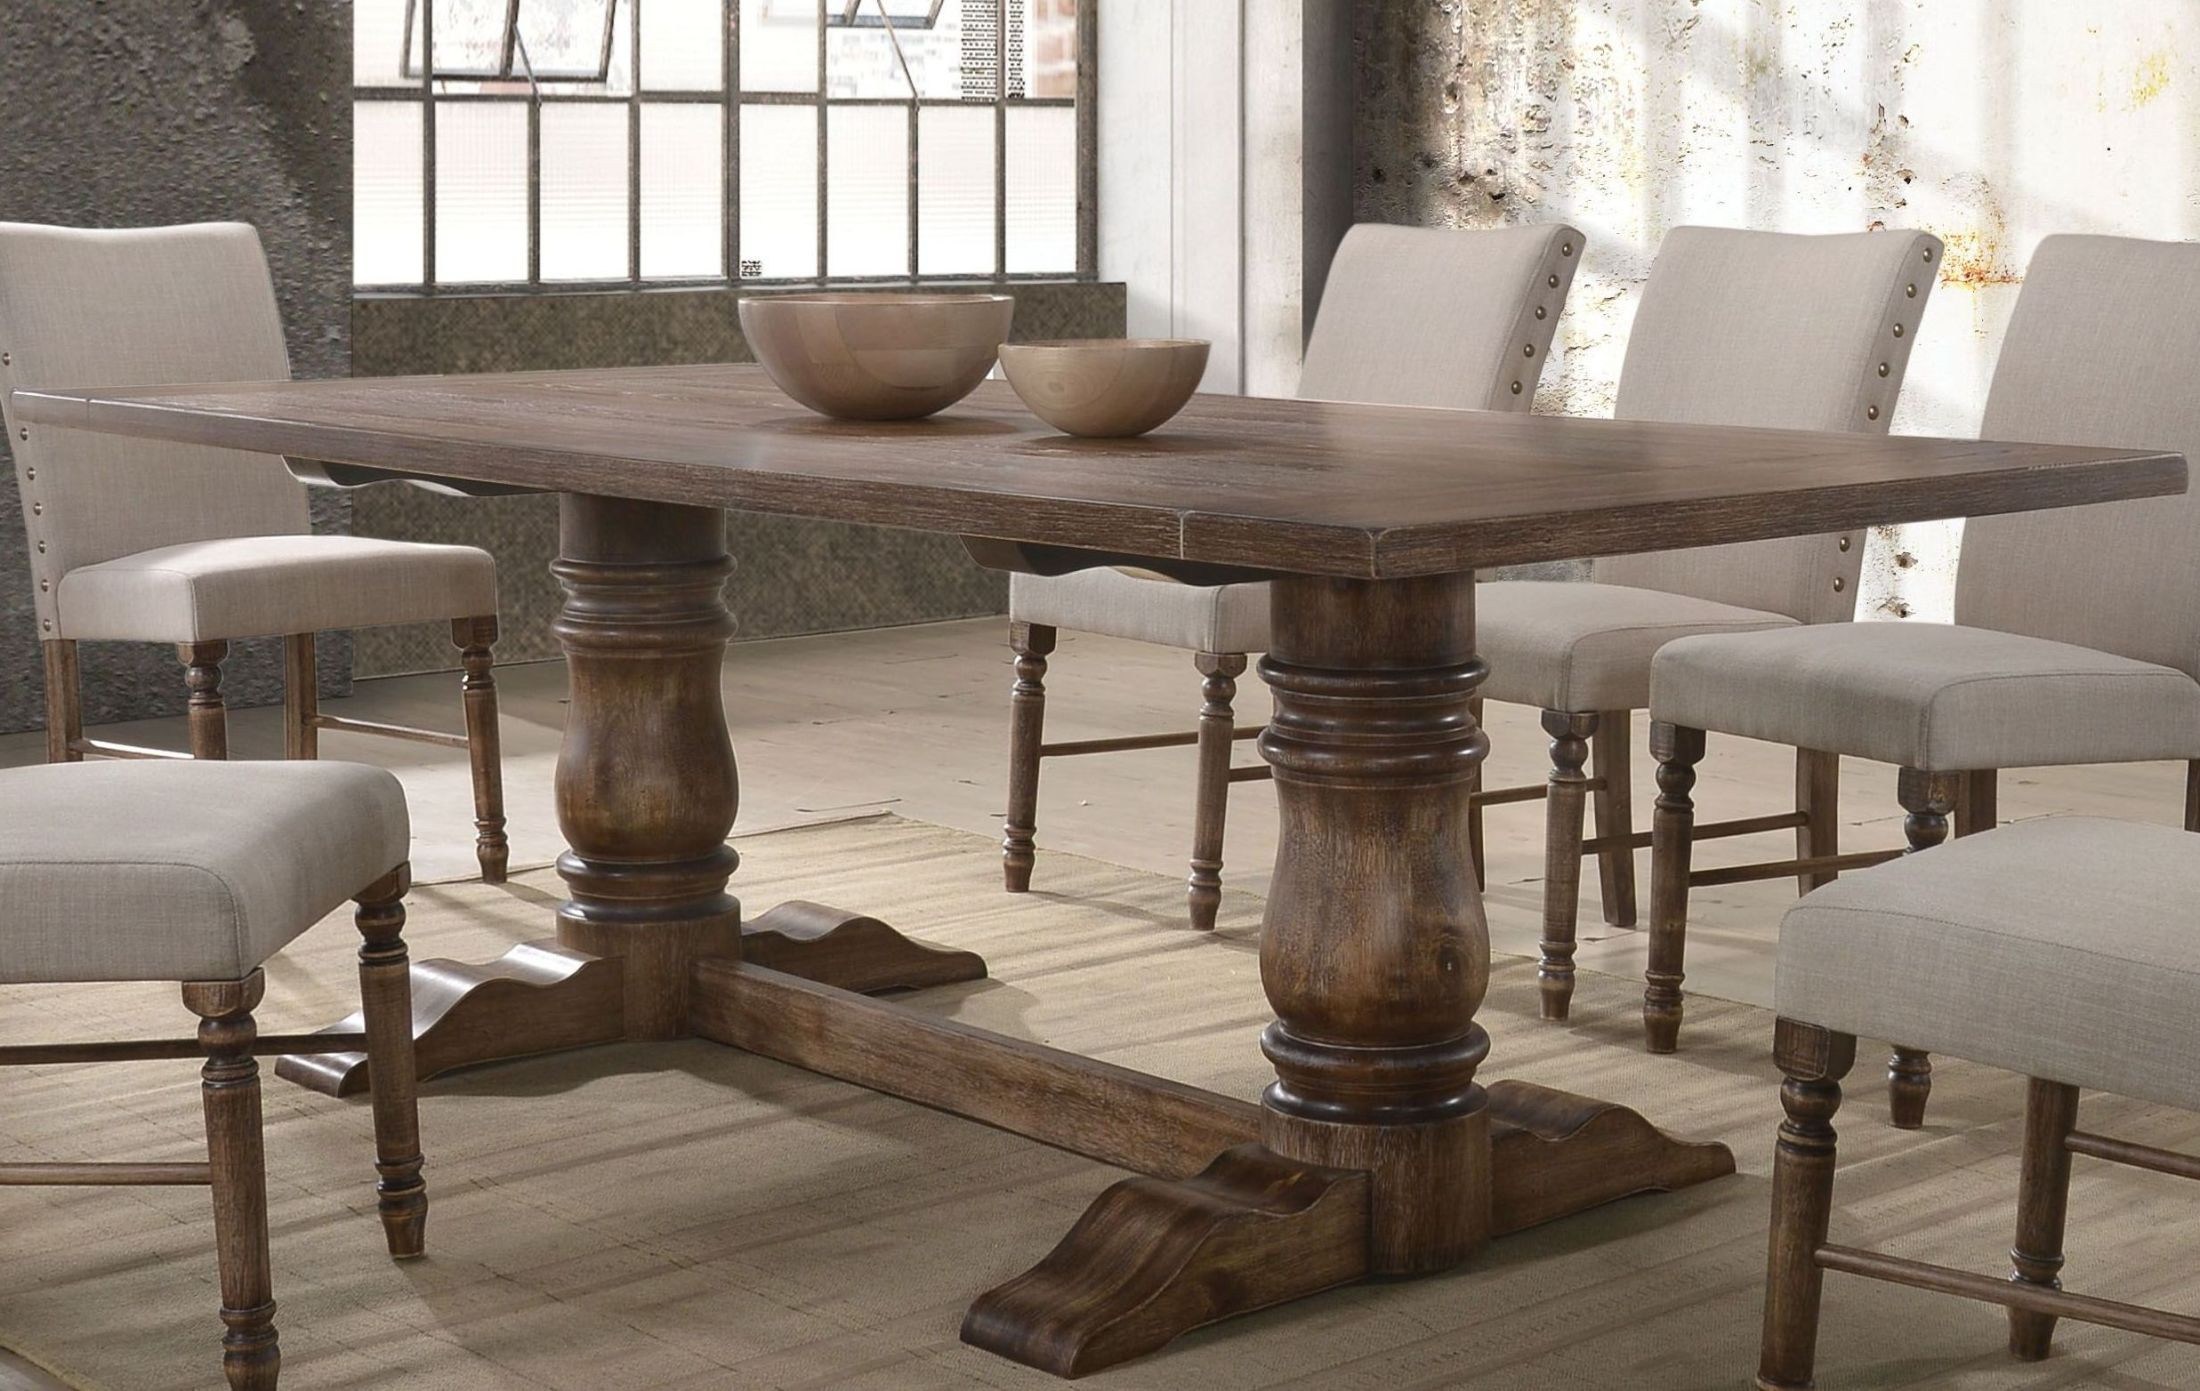 da4a063da621 FurnitureETC | Furniture & More Leventis Weathered Oak Dining Table ...